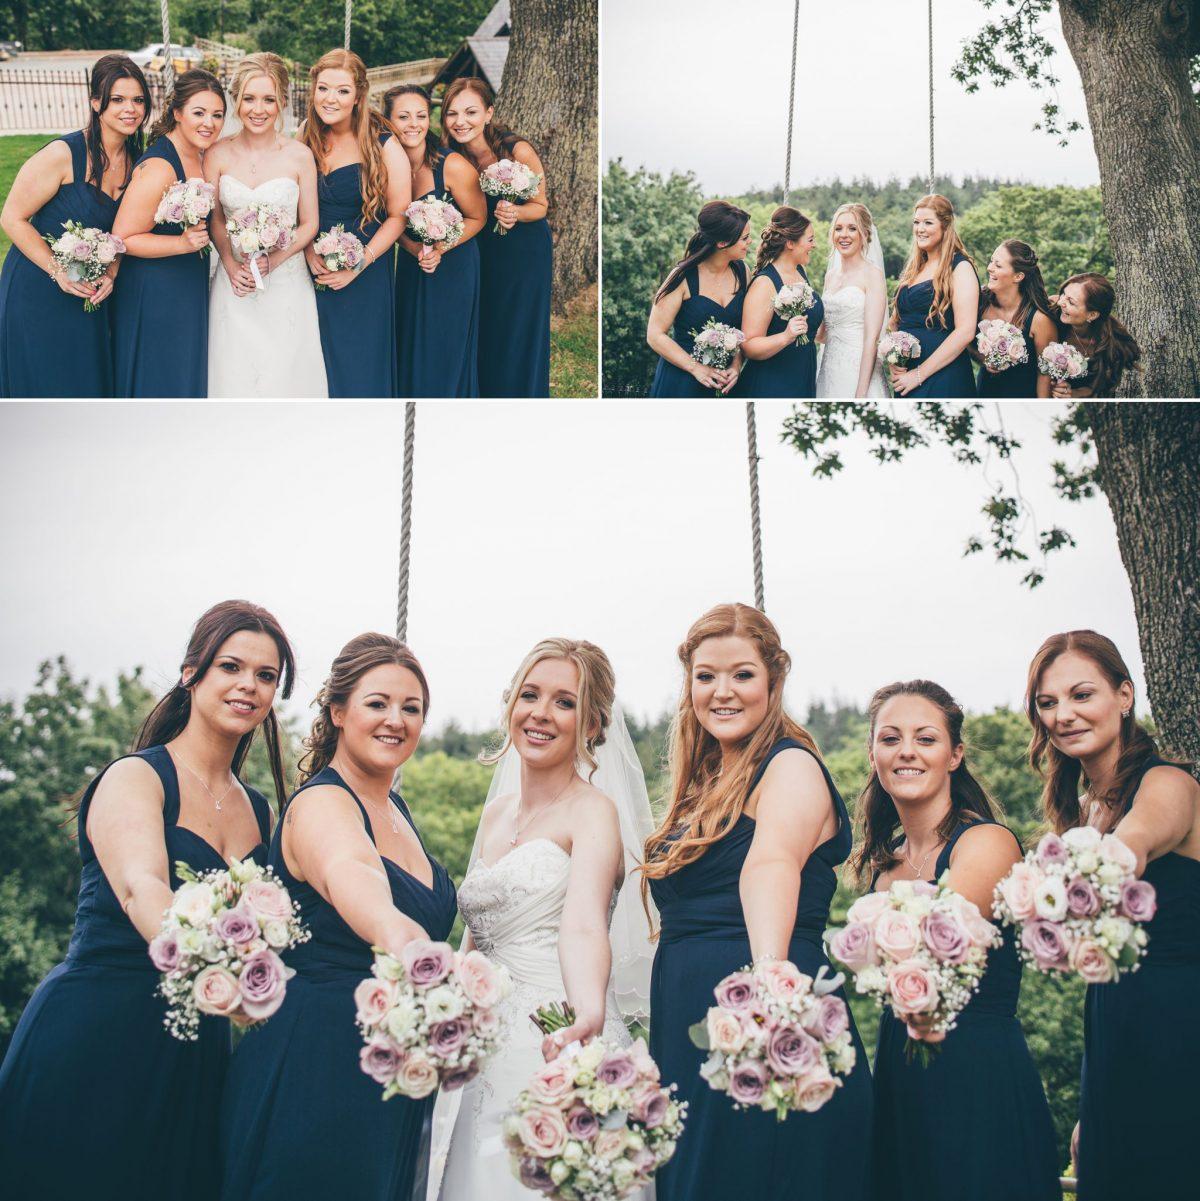 welsh_wedding_photographer_rachel_lambert_photography_canada_lake_lodge_michaela_haydn_ 73